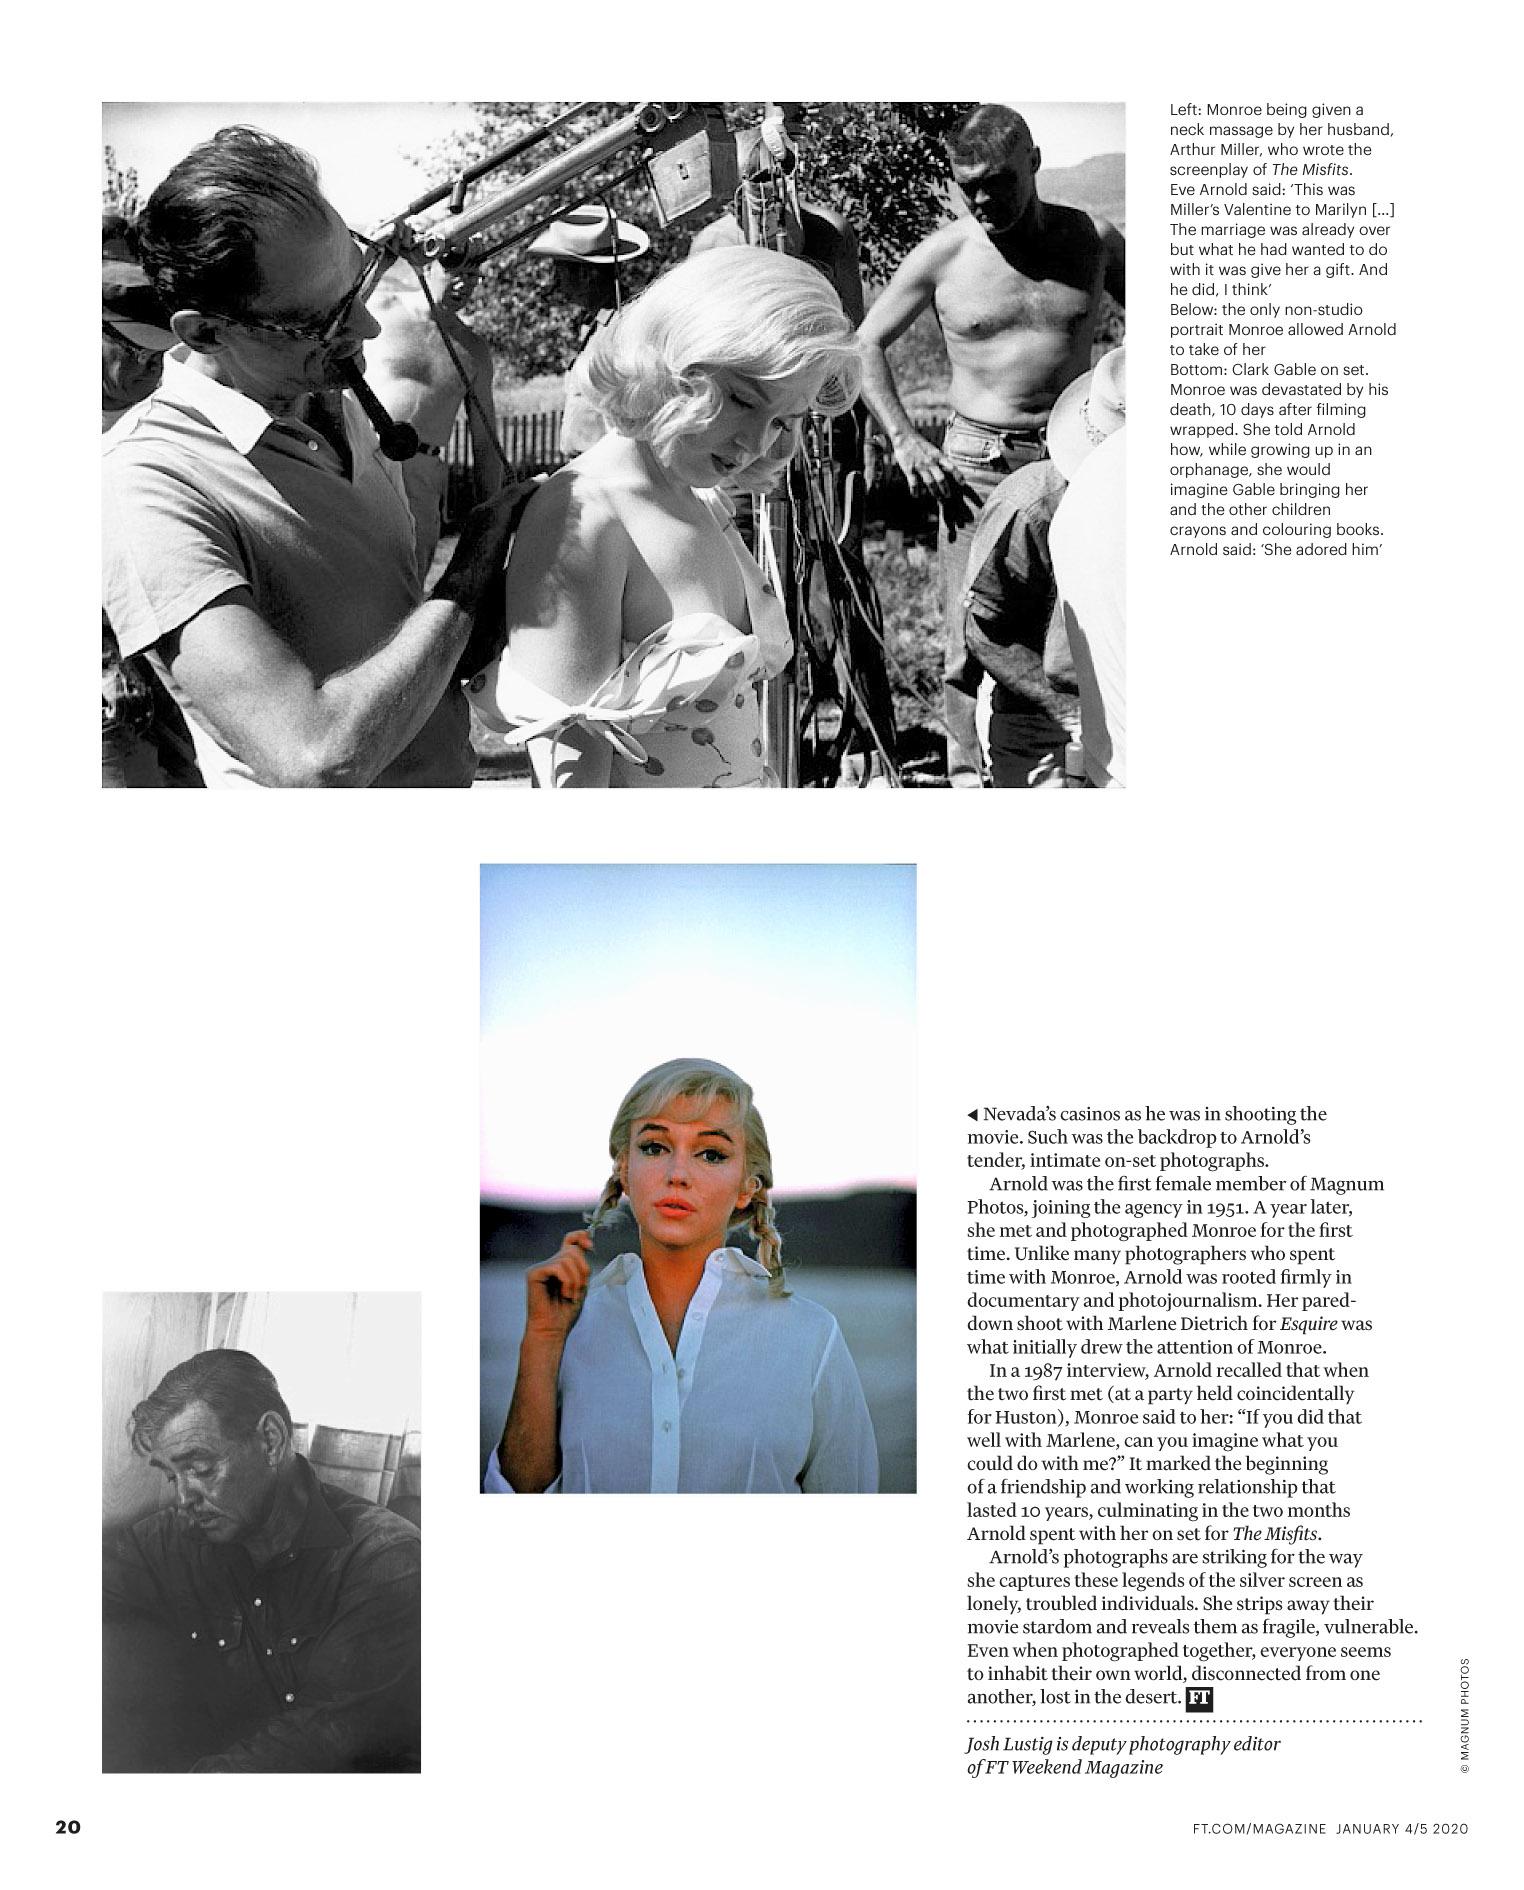 FT Weekend Magazine Jan42020 MMonroe2.jpg